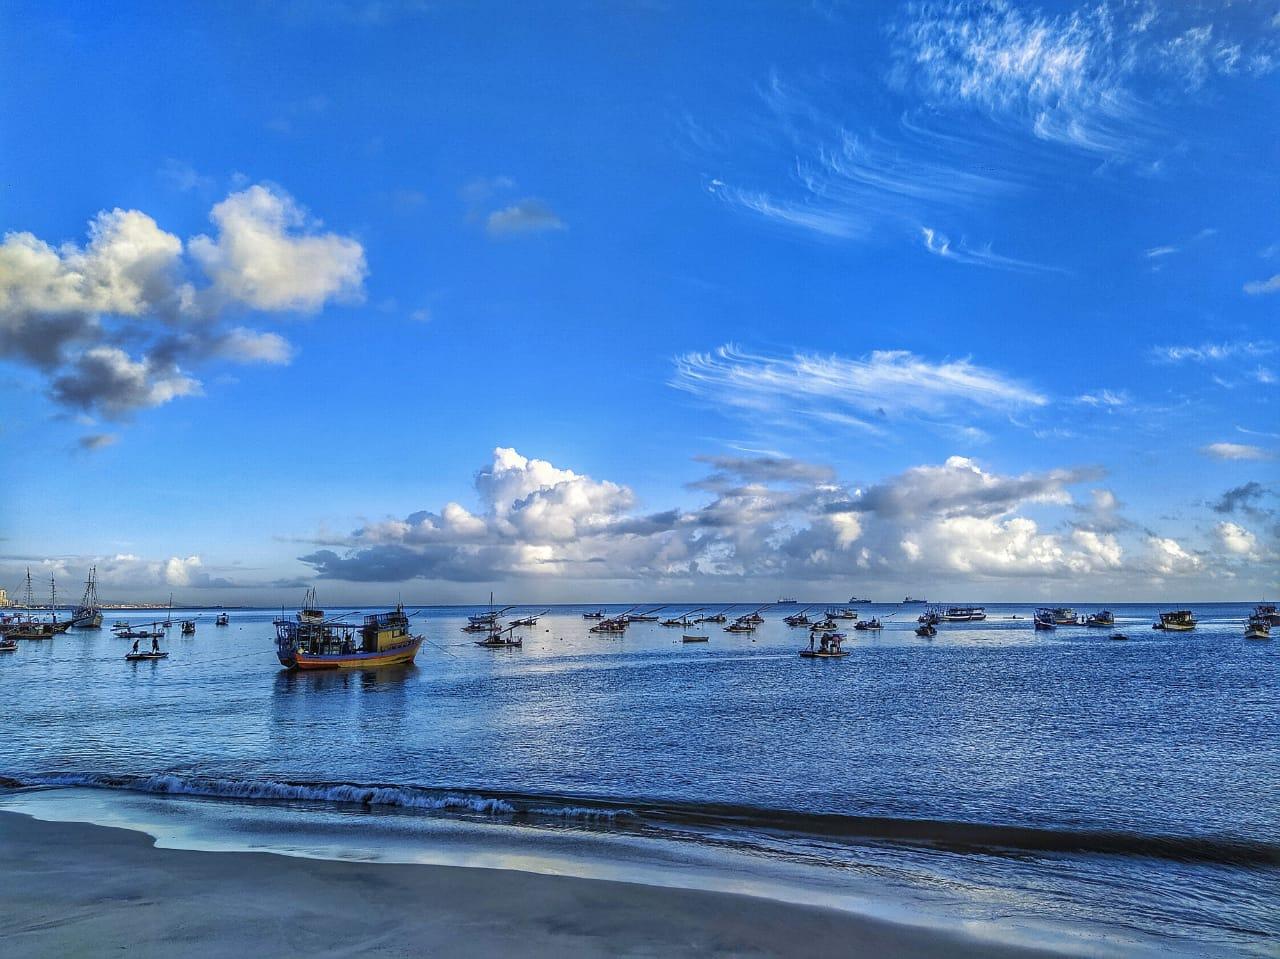 Fortaleza está na área propícia à chuva neste fim de semana (FOTO: Thiago Freitas)